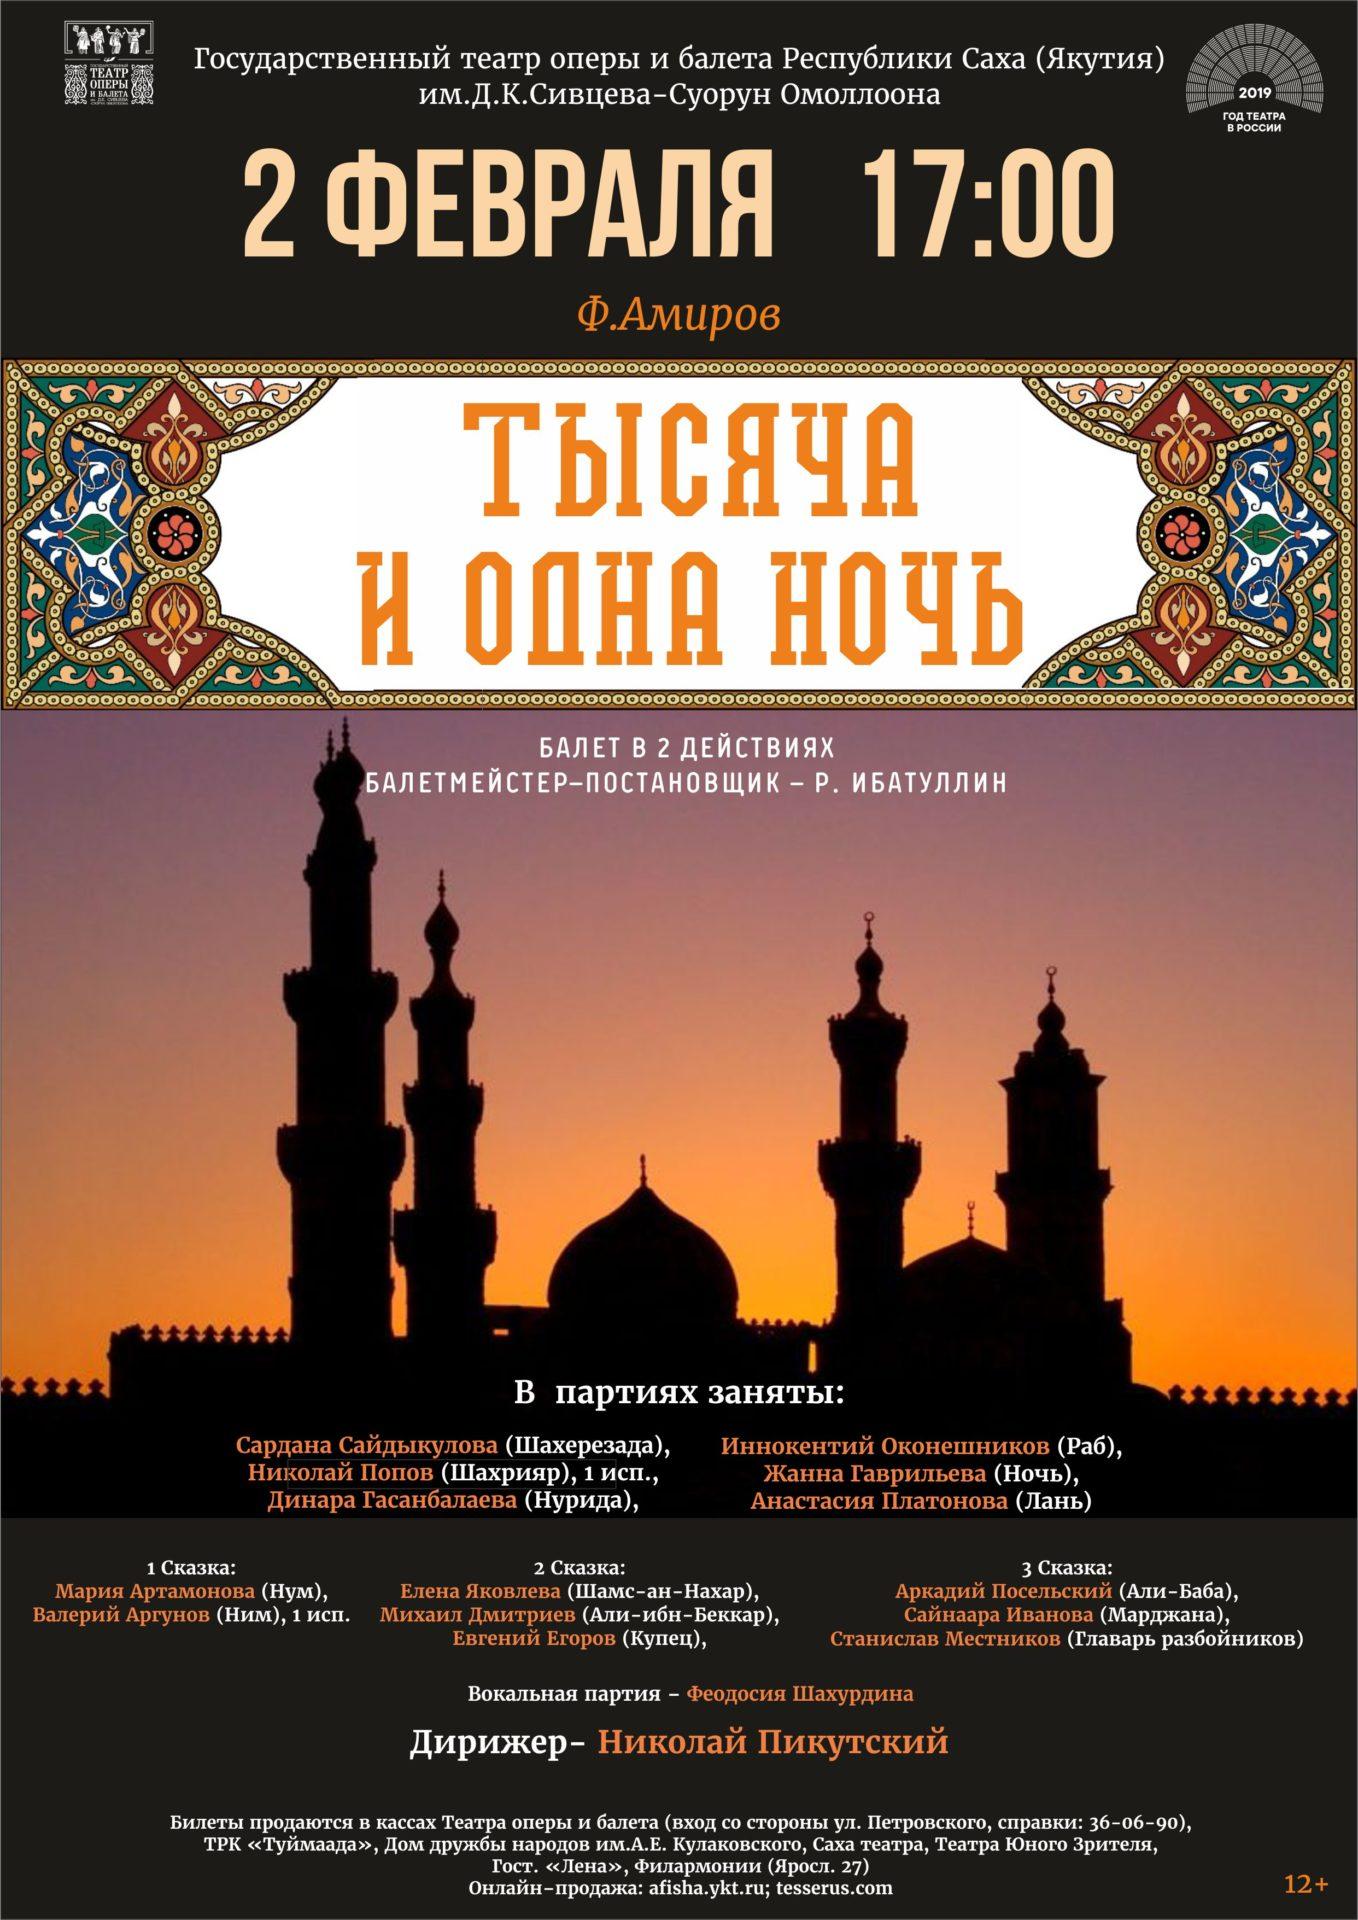 ГТОиБ приглашает на балет по мотивам арабских сказок «Тысяча и одна ночь»